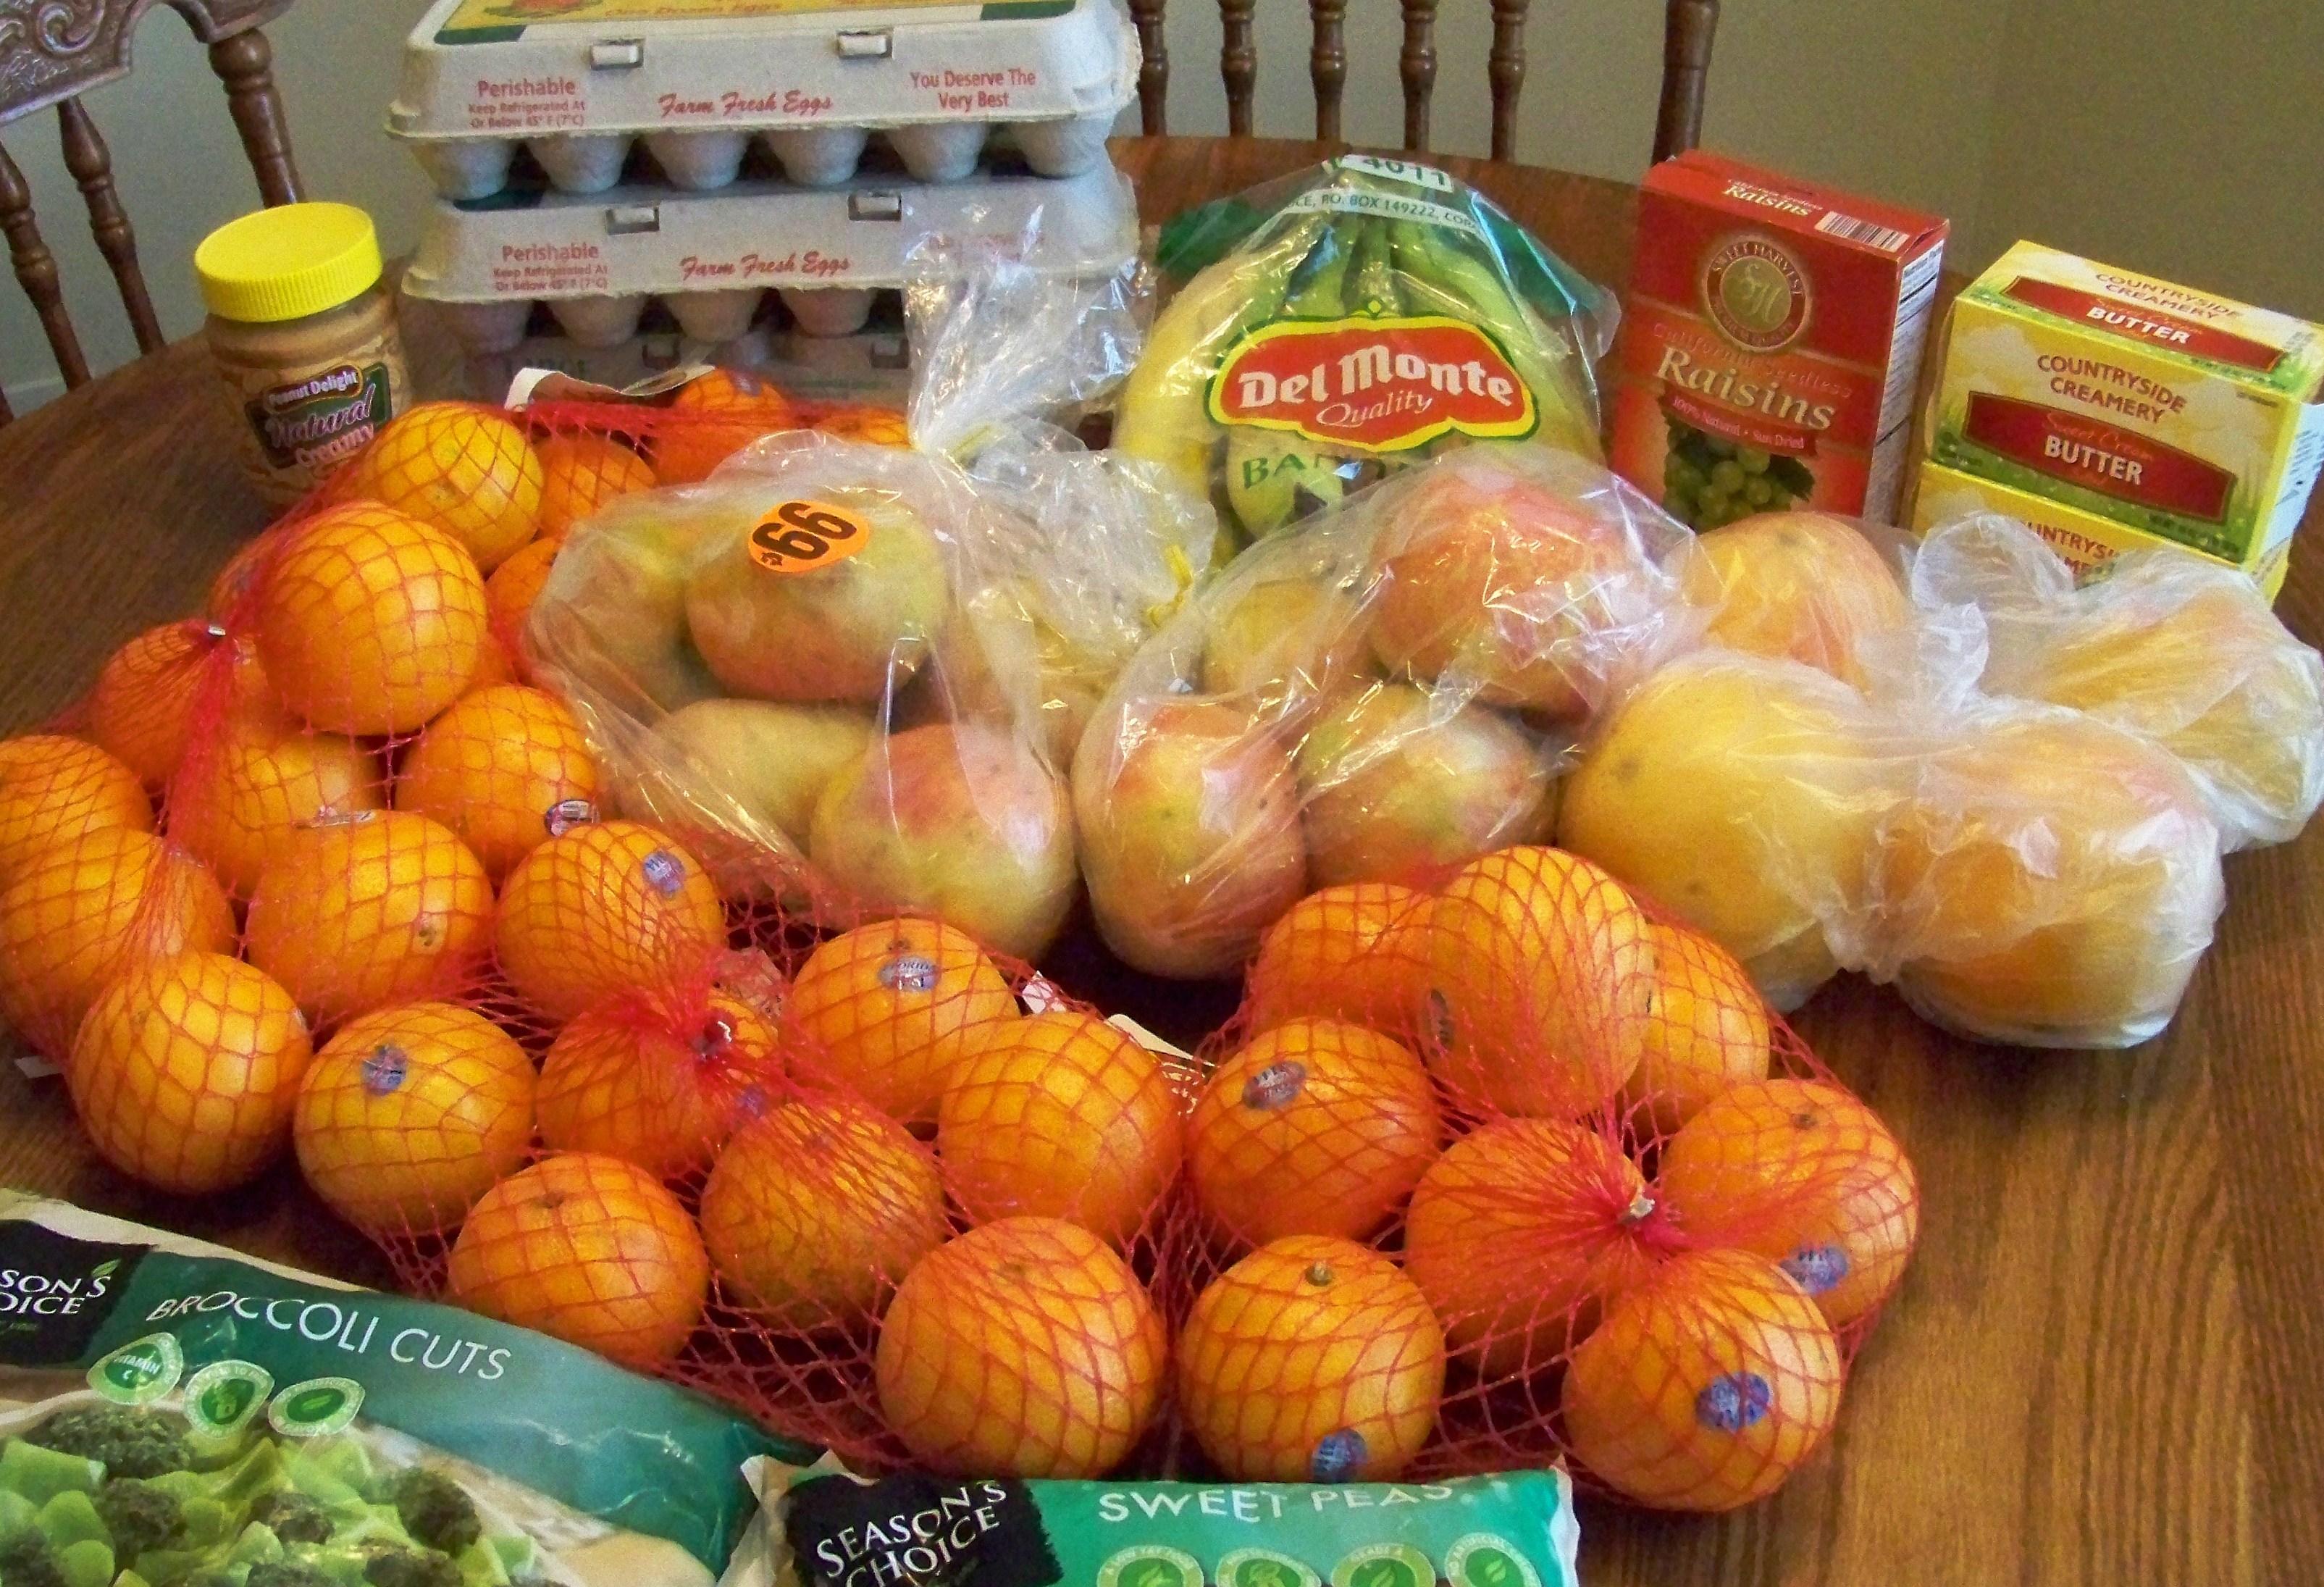 Super Savings Saturday: Organic apples and tangerines for $0 99 per